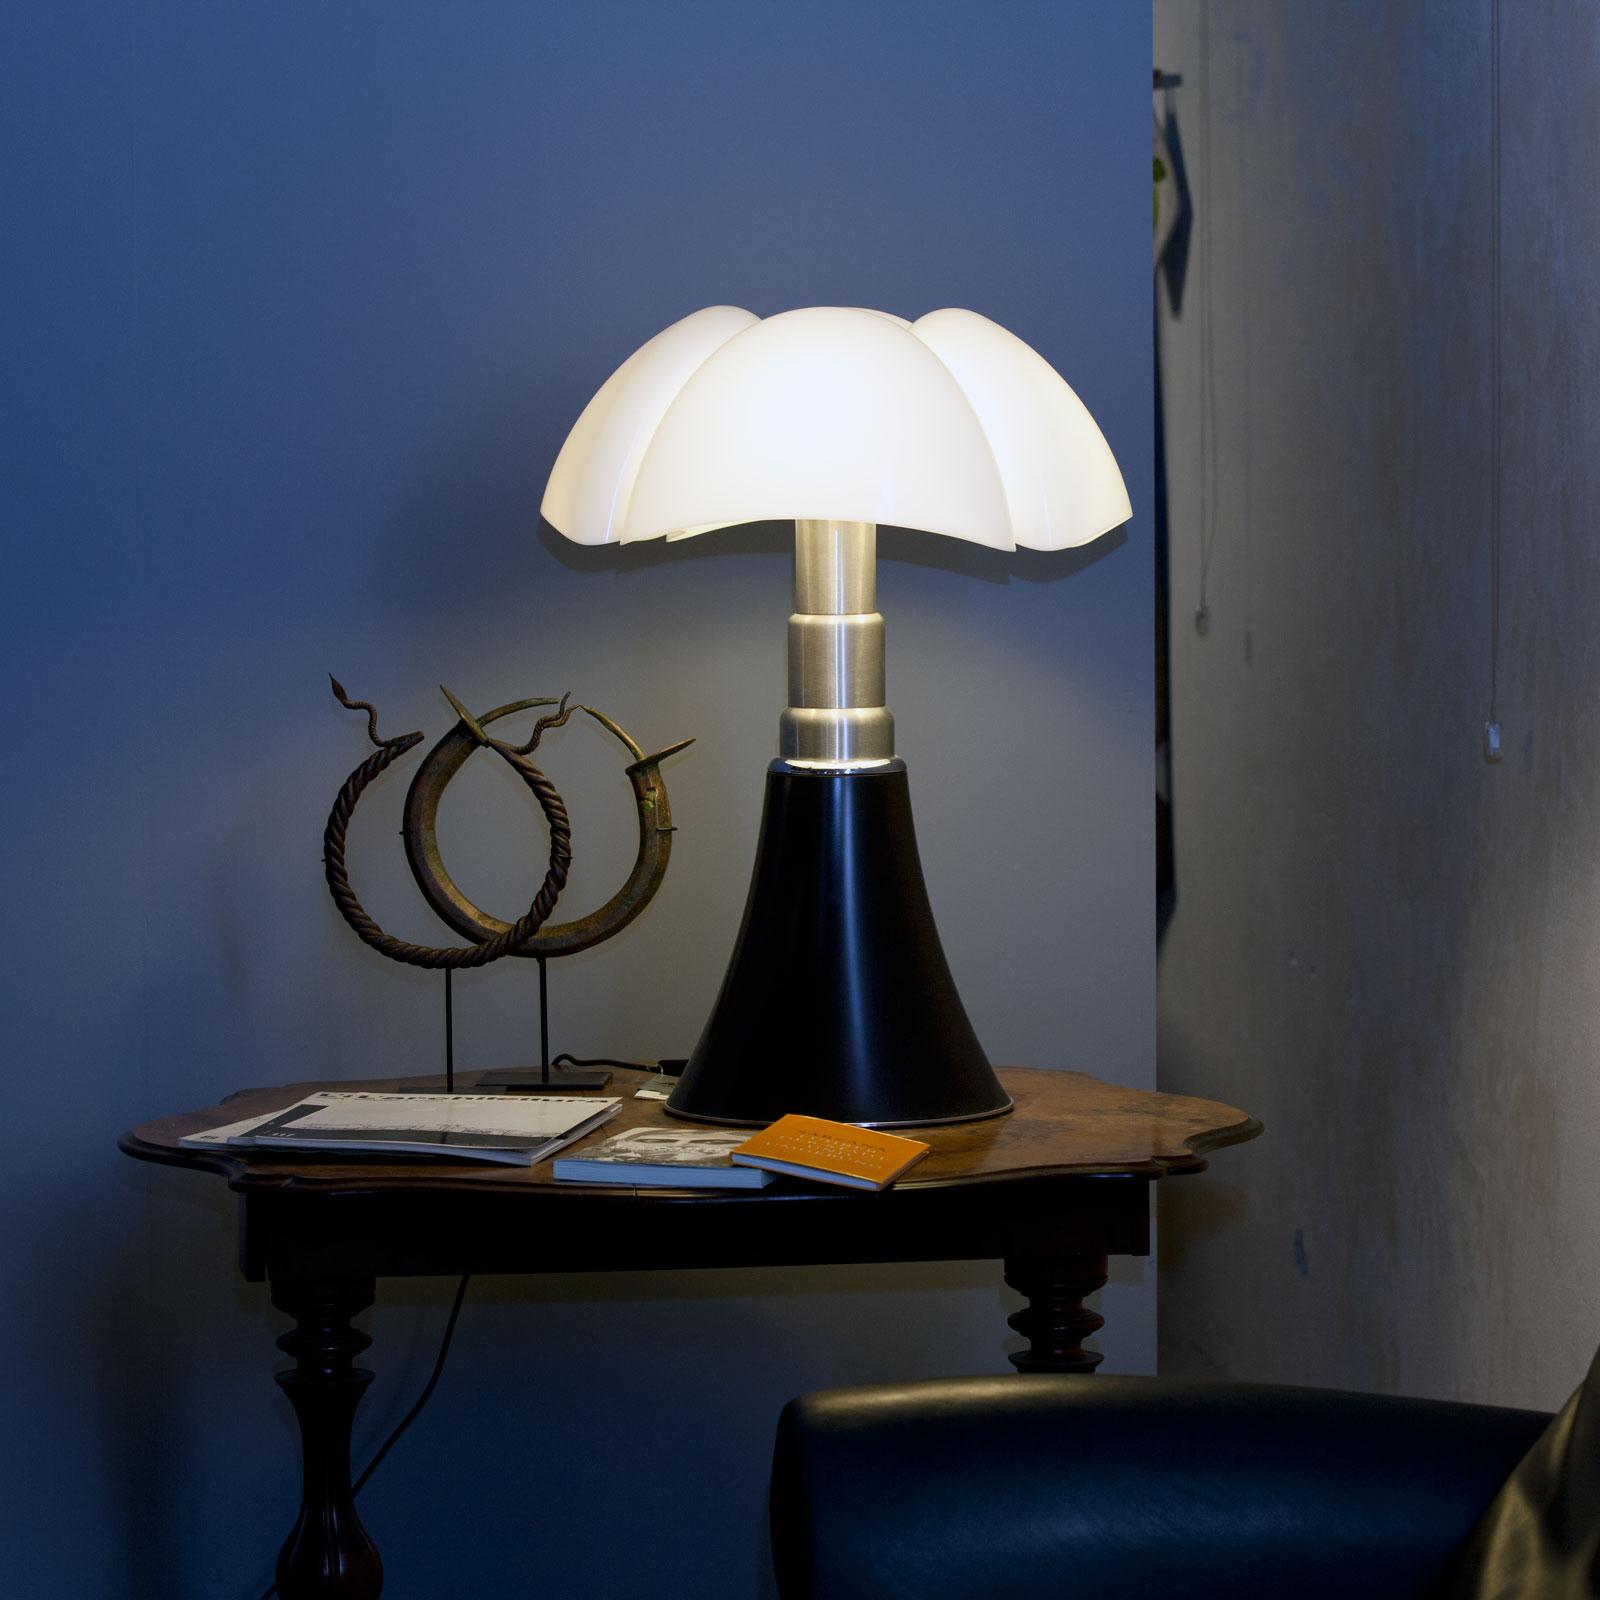 Lampe Laquelle Une Mais Une PipistrelloOui… GUMzpVqS